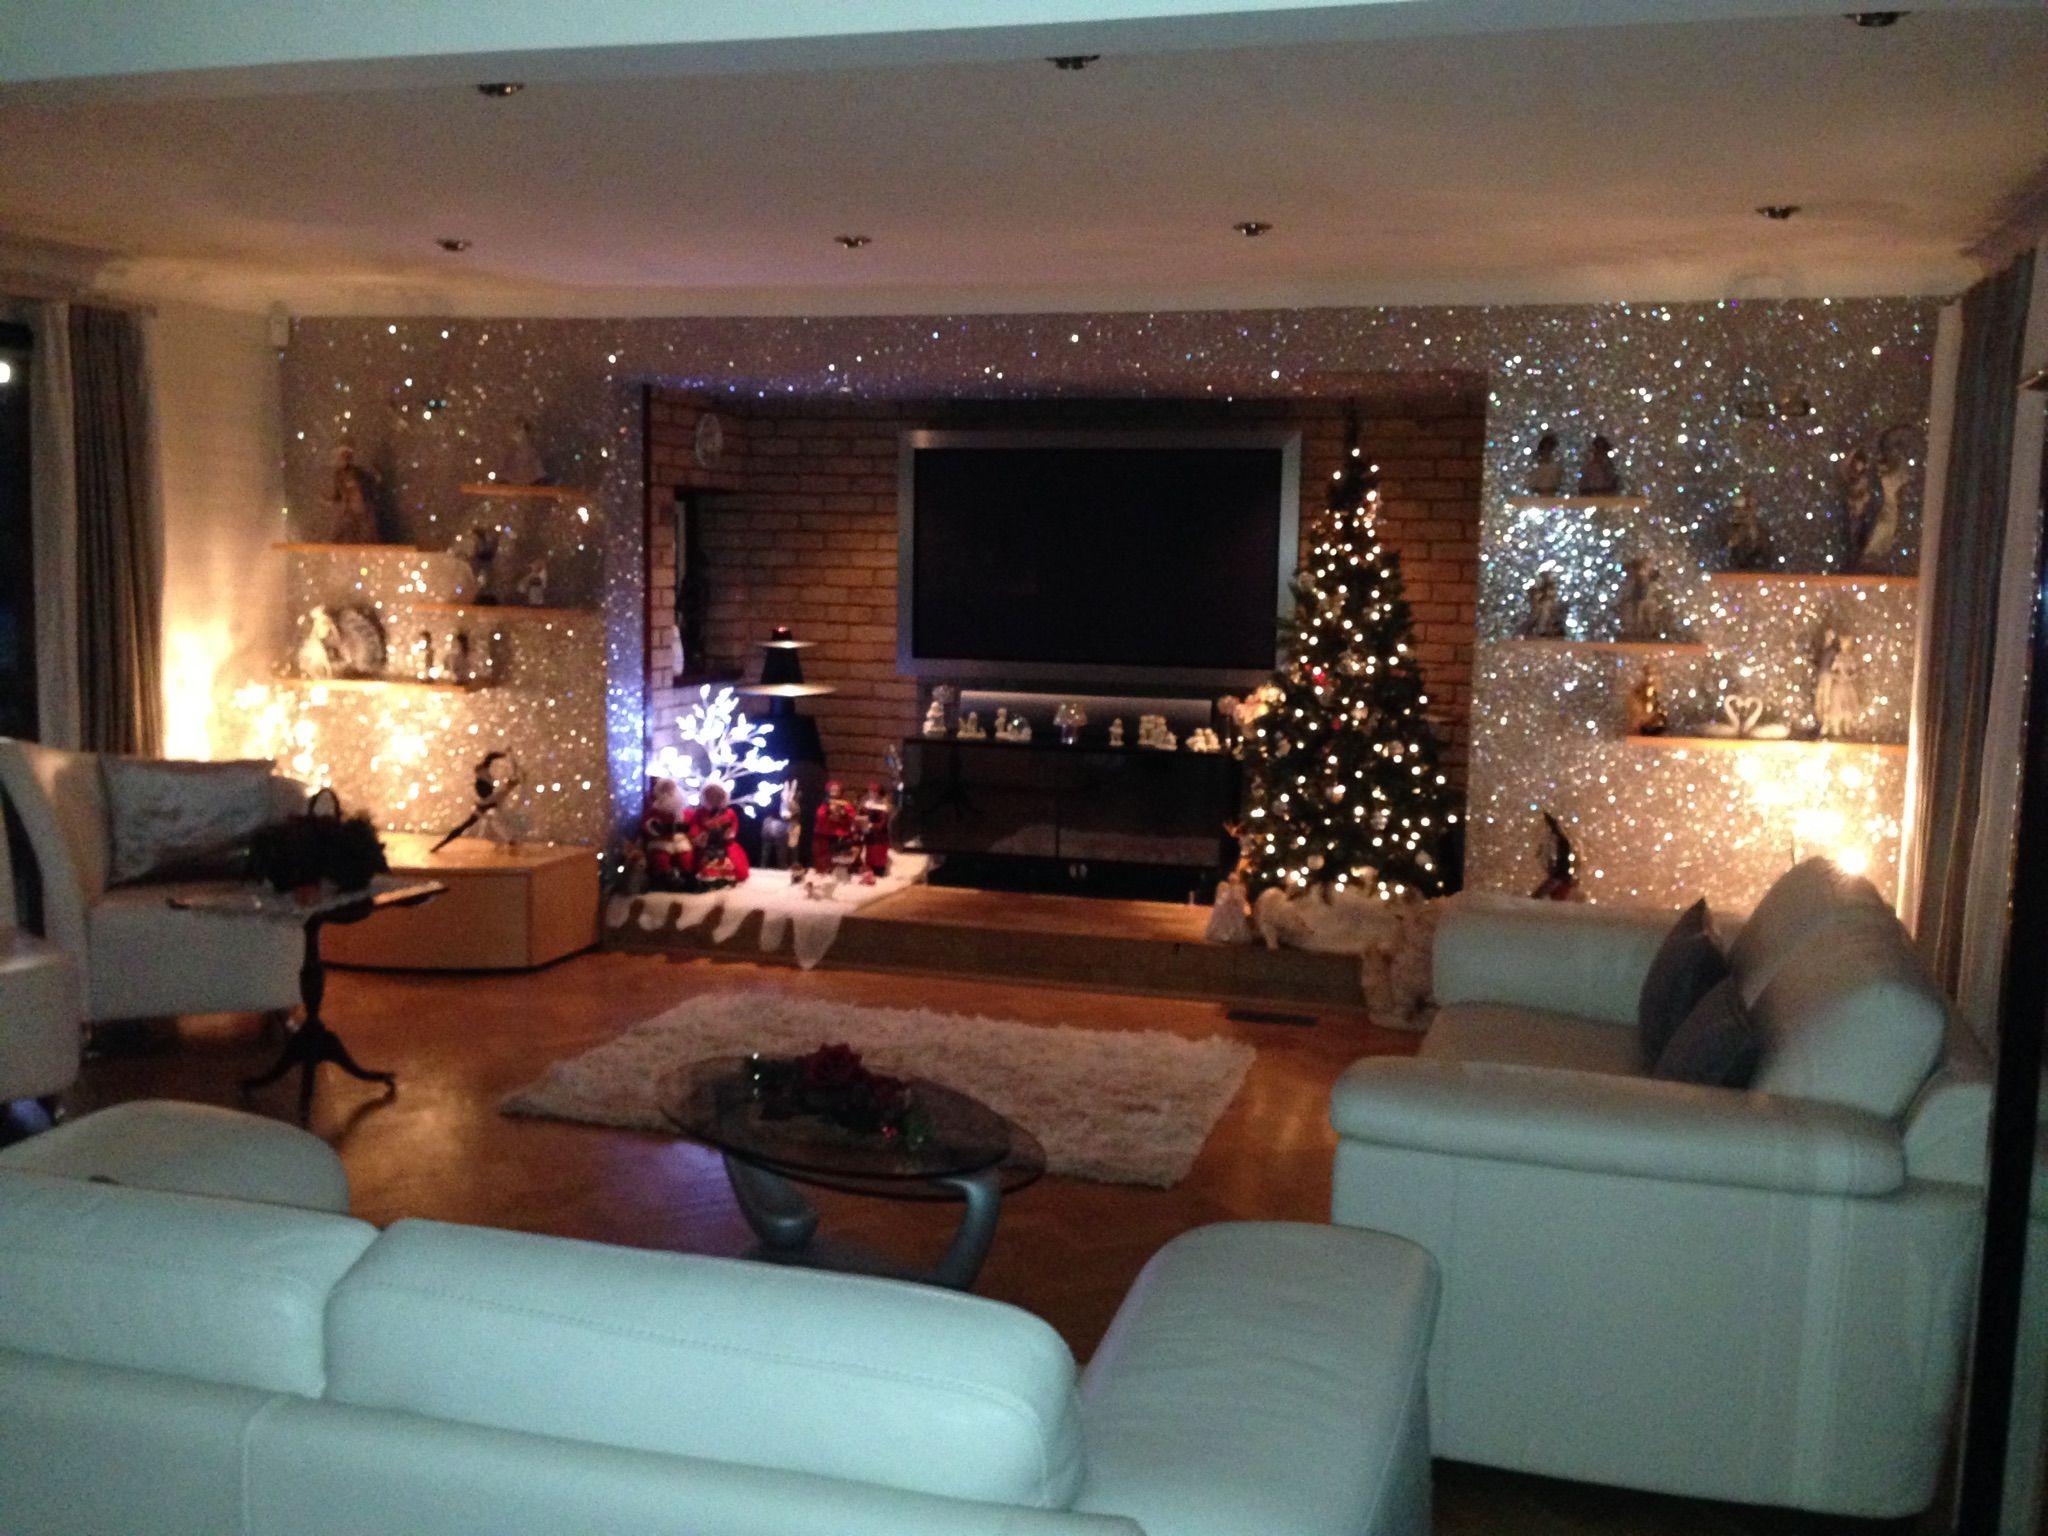 Another christmas tree glitterwallpaper room shot sent for Glitter wallpaper living room